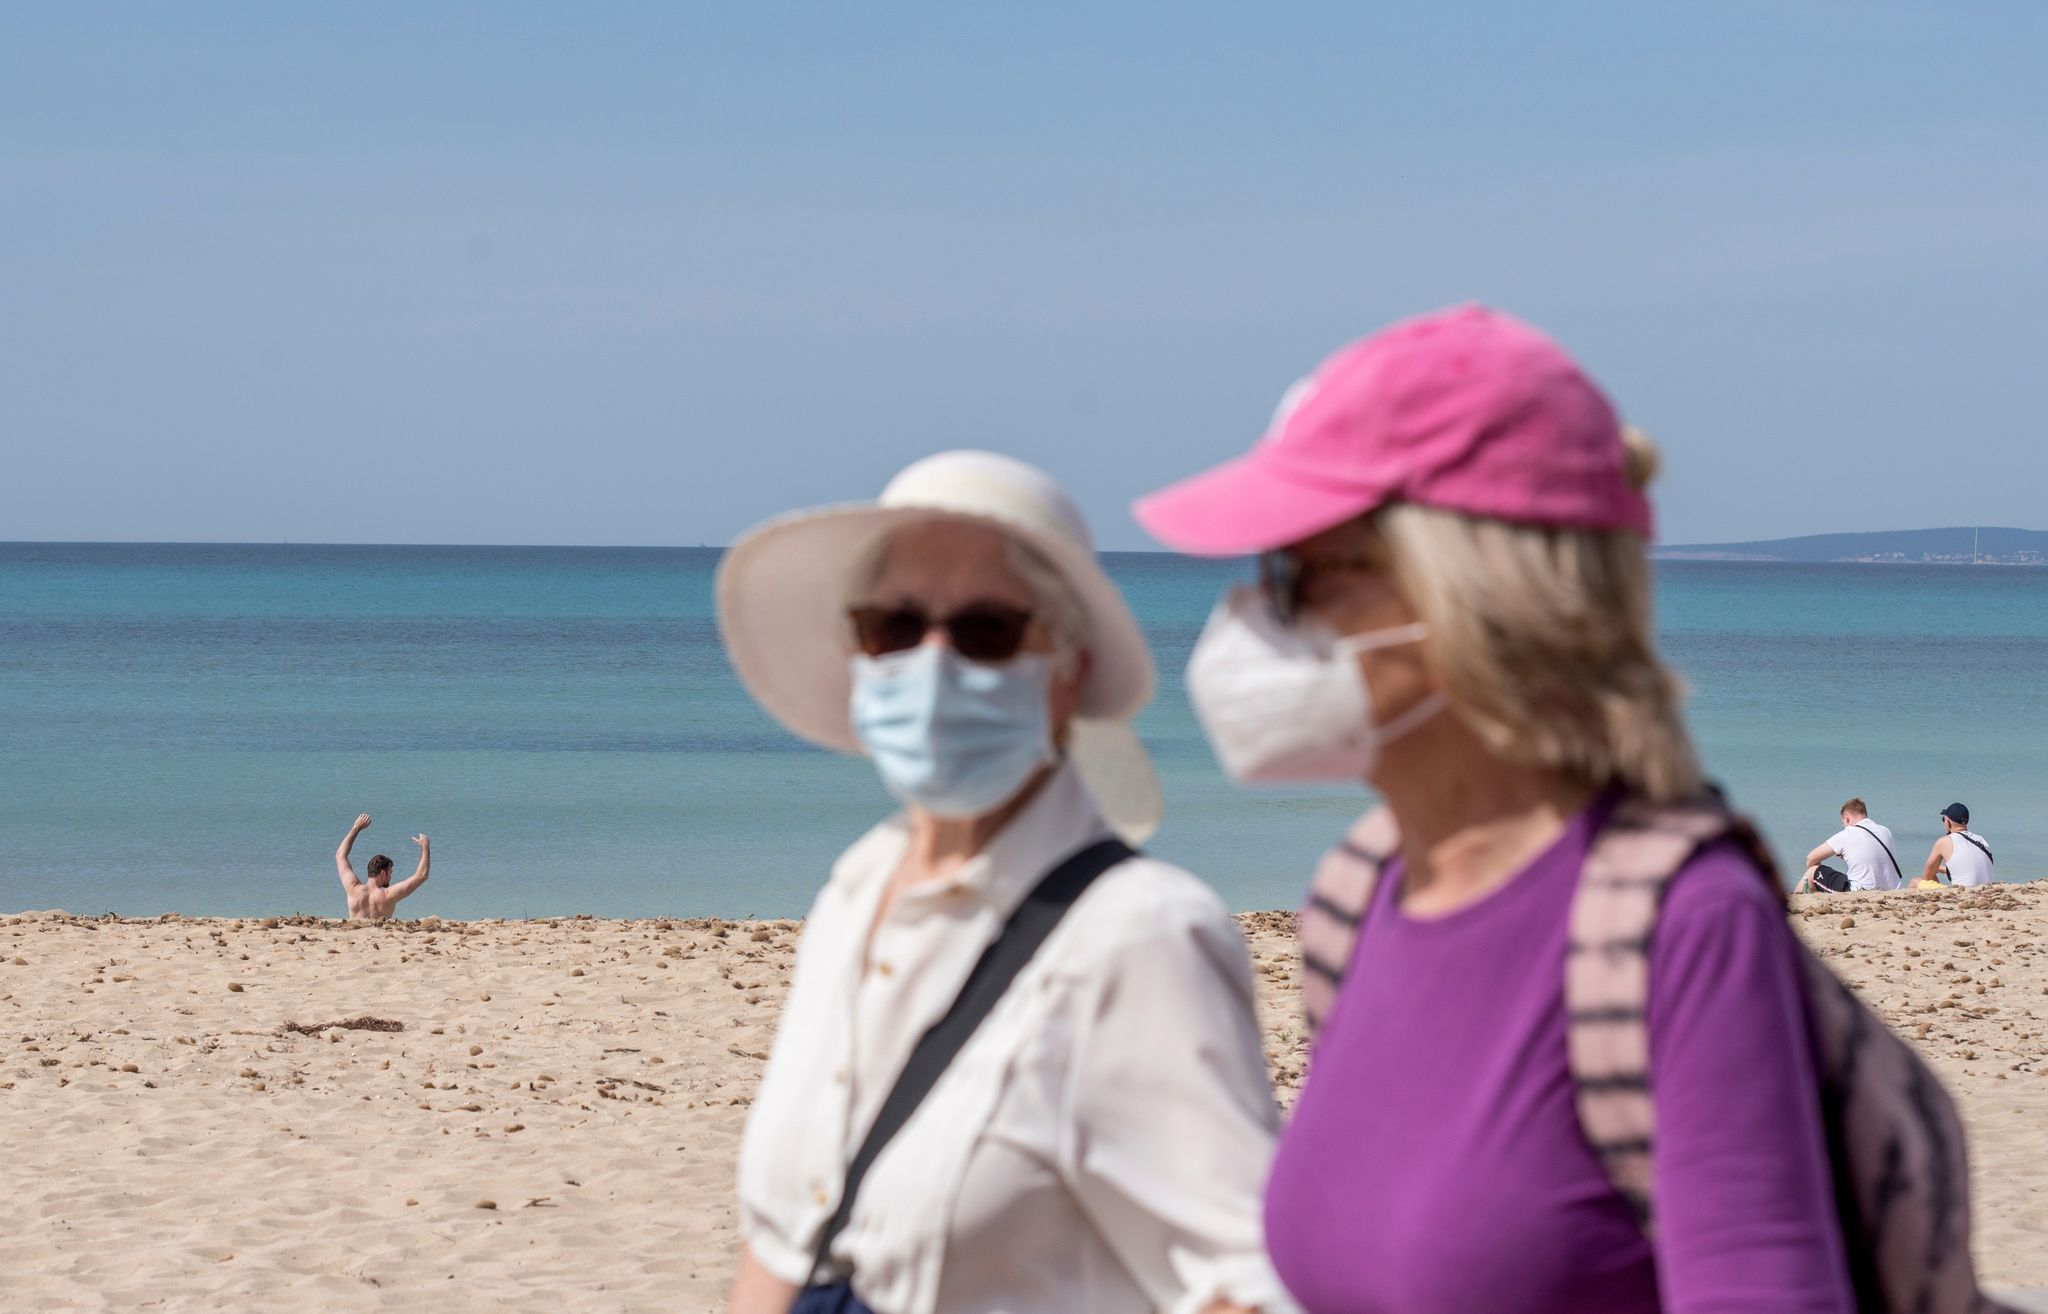 Turistas en un paseo marítimo de Palma de Mallorca.